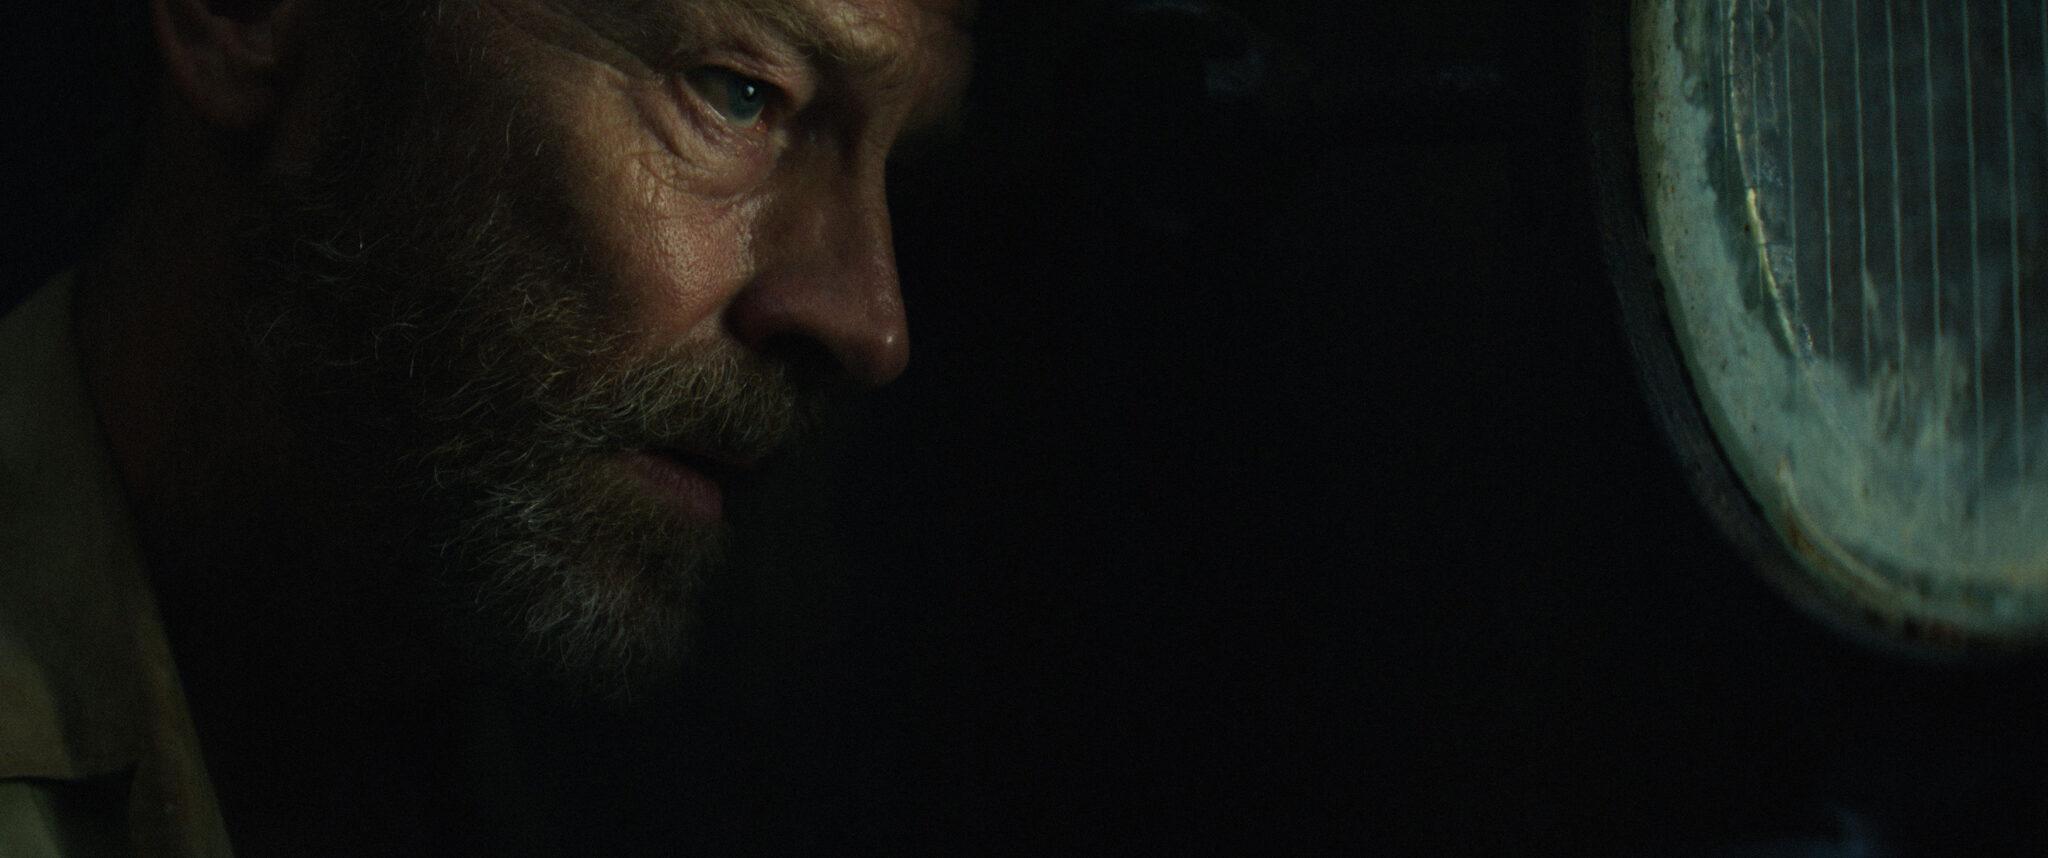 Gibson (Iain Glen) blickt in Tides ernst durch ein rundes Fenster. Der Großteil des Bildes ist im Dunkeln.